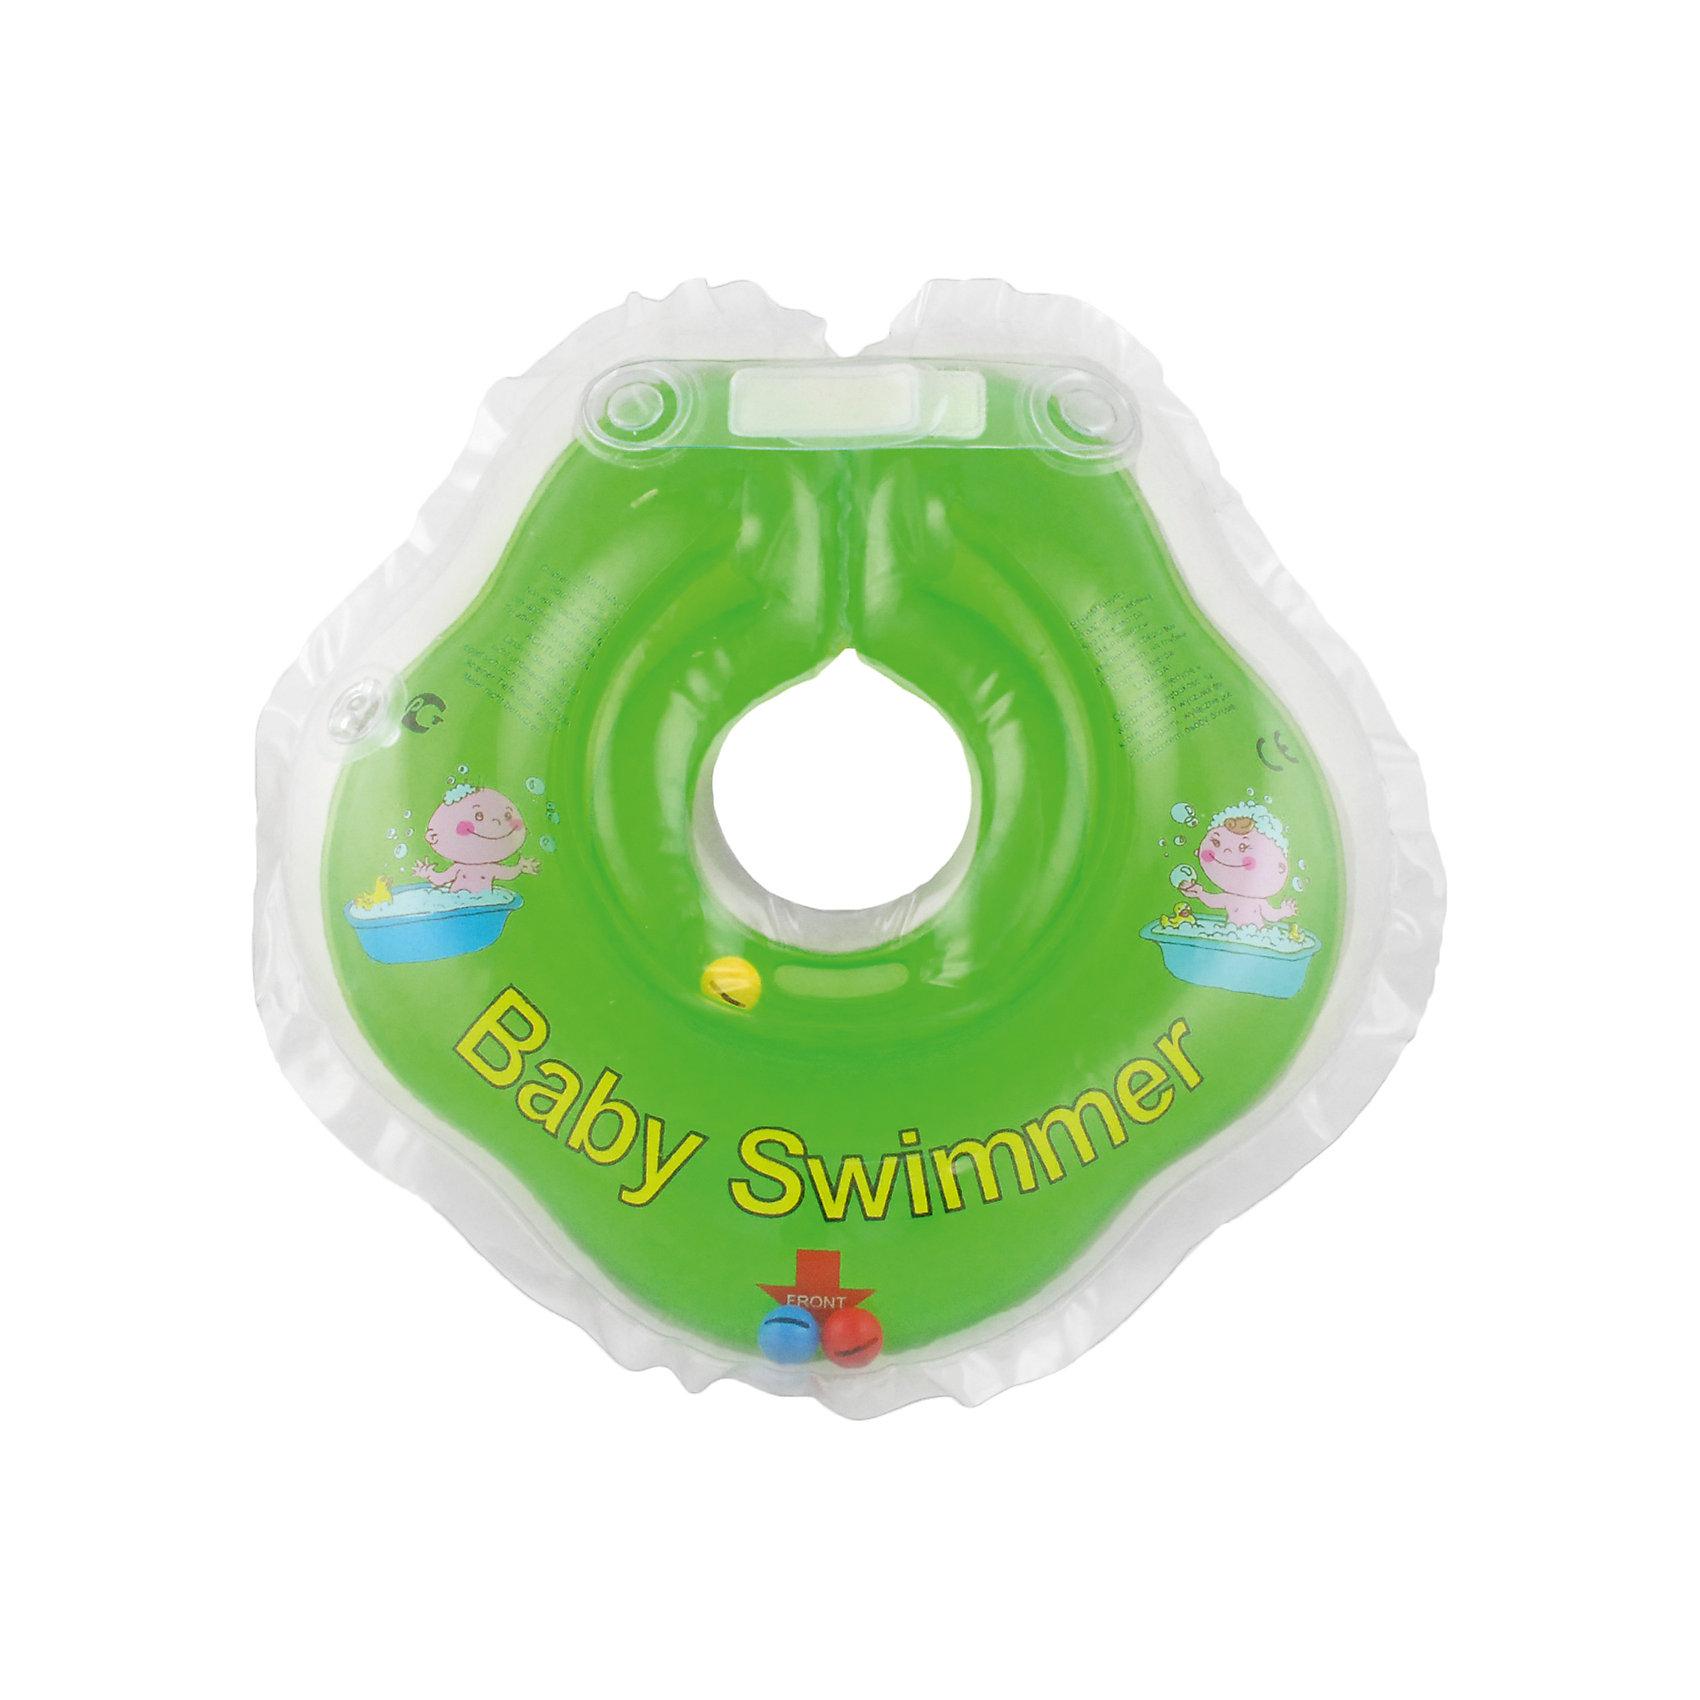 Круг для купания с погремушкой внутри BabySwimmer, салатовыйКруги для купания малыша<br>Круг для купания Baby Swimmer с погремушкой – улучшенная вариация классической одноименной модели. Отличительная особенность – погремушка внутри круга. Устройство обеспечит безопасность купания малыша, избавит  от страха воды и сделает водные процедуры веселой игрой. У круга есть устройство, поддерживающее подбородок, что позволит избежать проглатывание воды малышом. У круга яркие цвета, необычный дизайн и веселые картинки по бокам, которые понравится всем детям. Все материалы, использованные при разработке и изготовлении круга для купания безопасны для использования, отвечают всем требованиям экологичности и качества детских товаров, а так же гипоаллергенны.<br><br>Дополнительная информация:<br><br>модель: Baby Swimmer;<br>цвет: салатовый.<br><br>Круг для купания с погремушкой внутри Baby Swimmer можно приобрести в нашем магазине.<br><br>Ширина мм: 150<br>Глубина мм: 40<br>Высота мм: 150<br>Вес г: 140<br>Возраст от месяцев: 0<br>Возраст до месяцев: 24<br>Пол: Унисекс<br>Возраст: Детский<br>SKU: 4968097